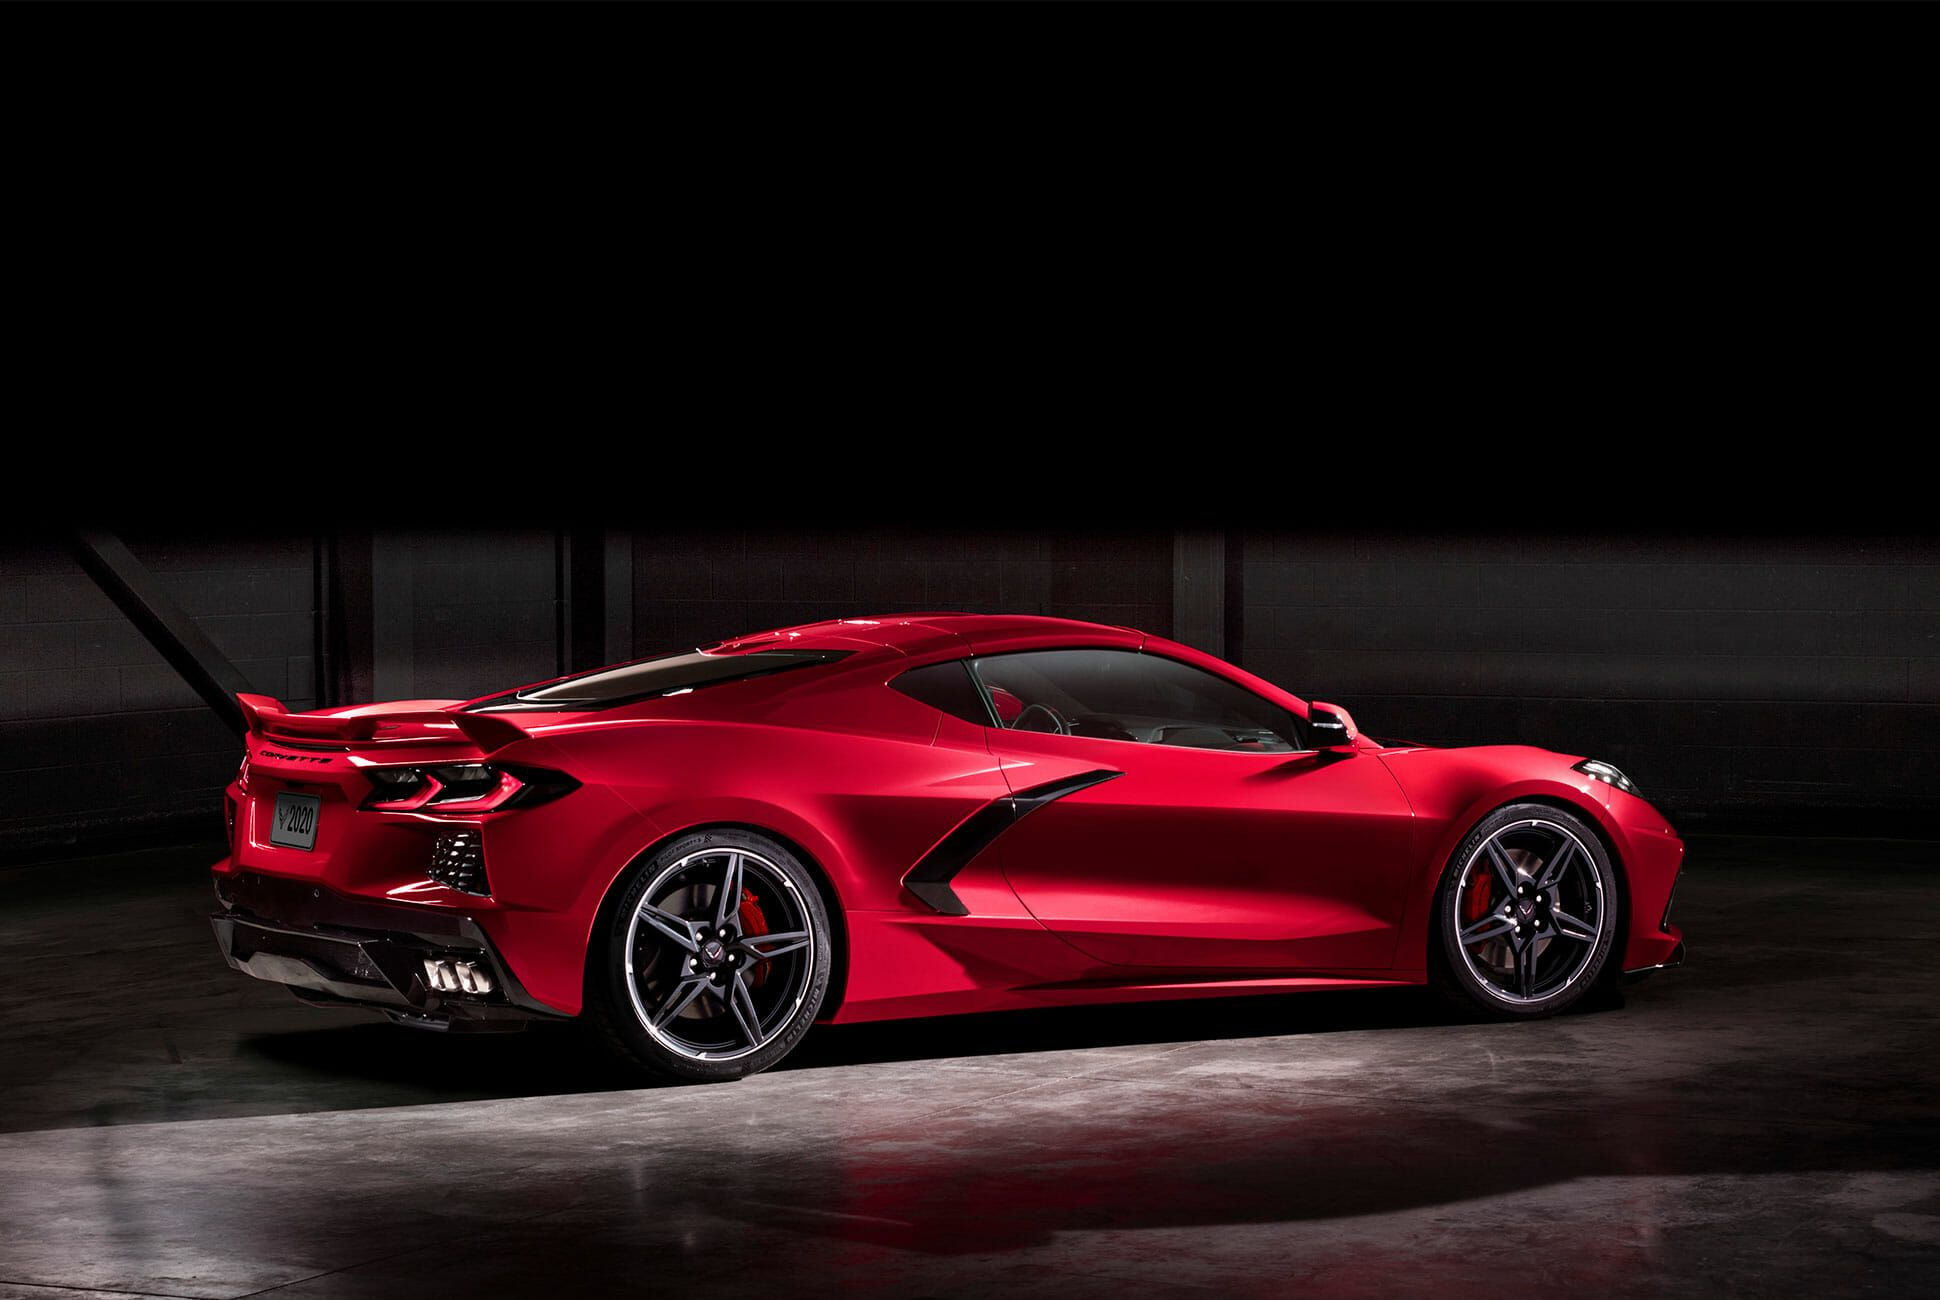 2020-Chevrolet-Corvette-Stingray-gear-patrol-slide-5